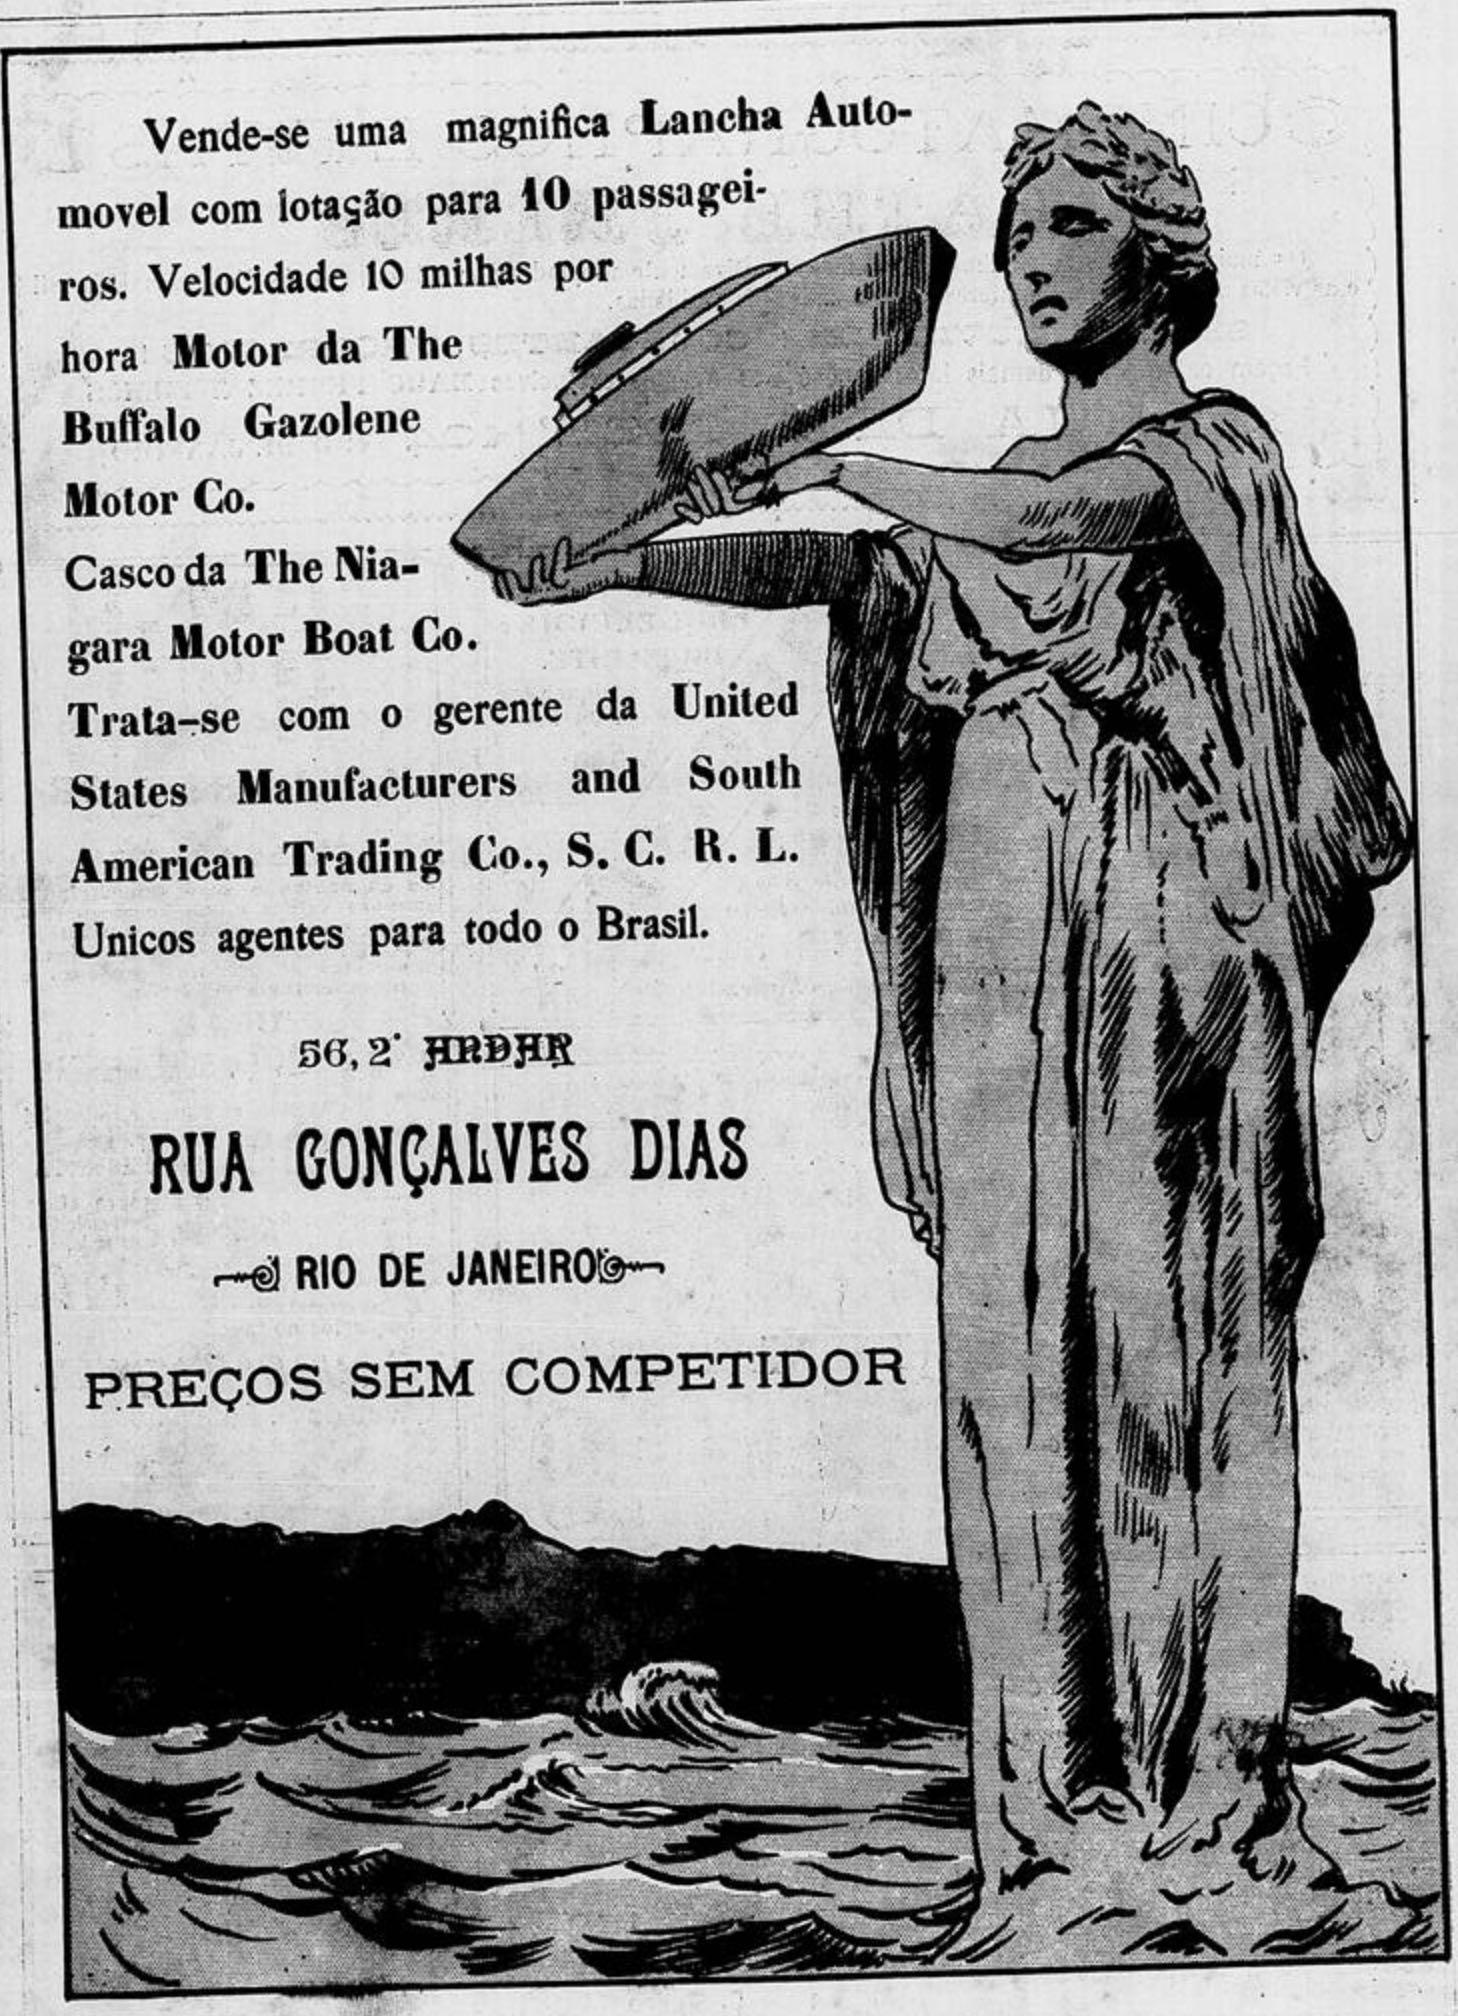 Anúncio de venda de lancha no Rio de Janeiro em 1908